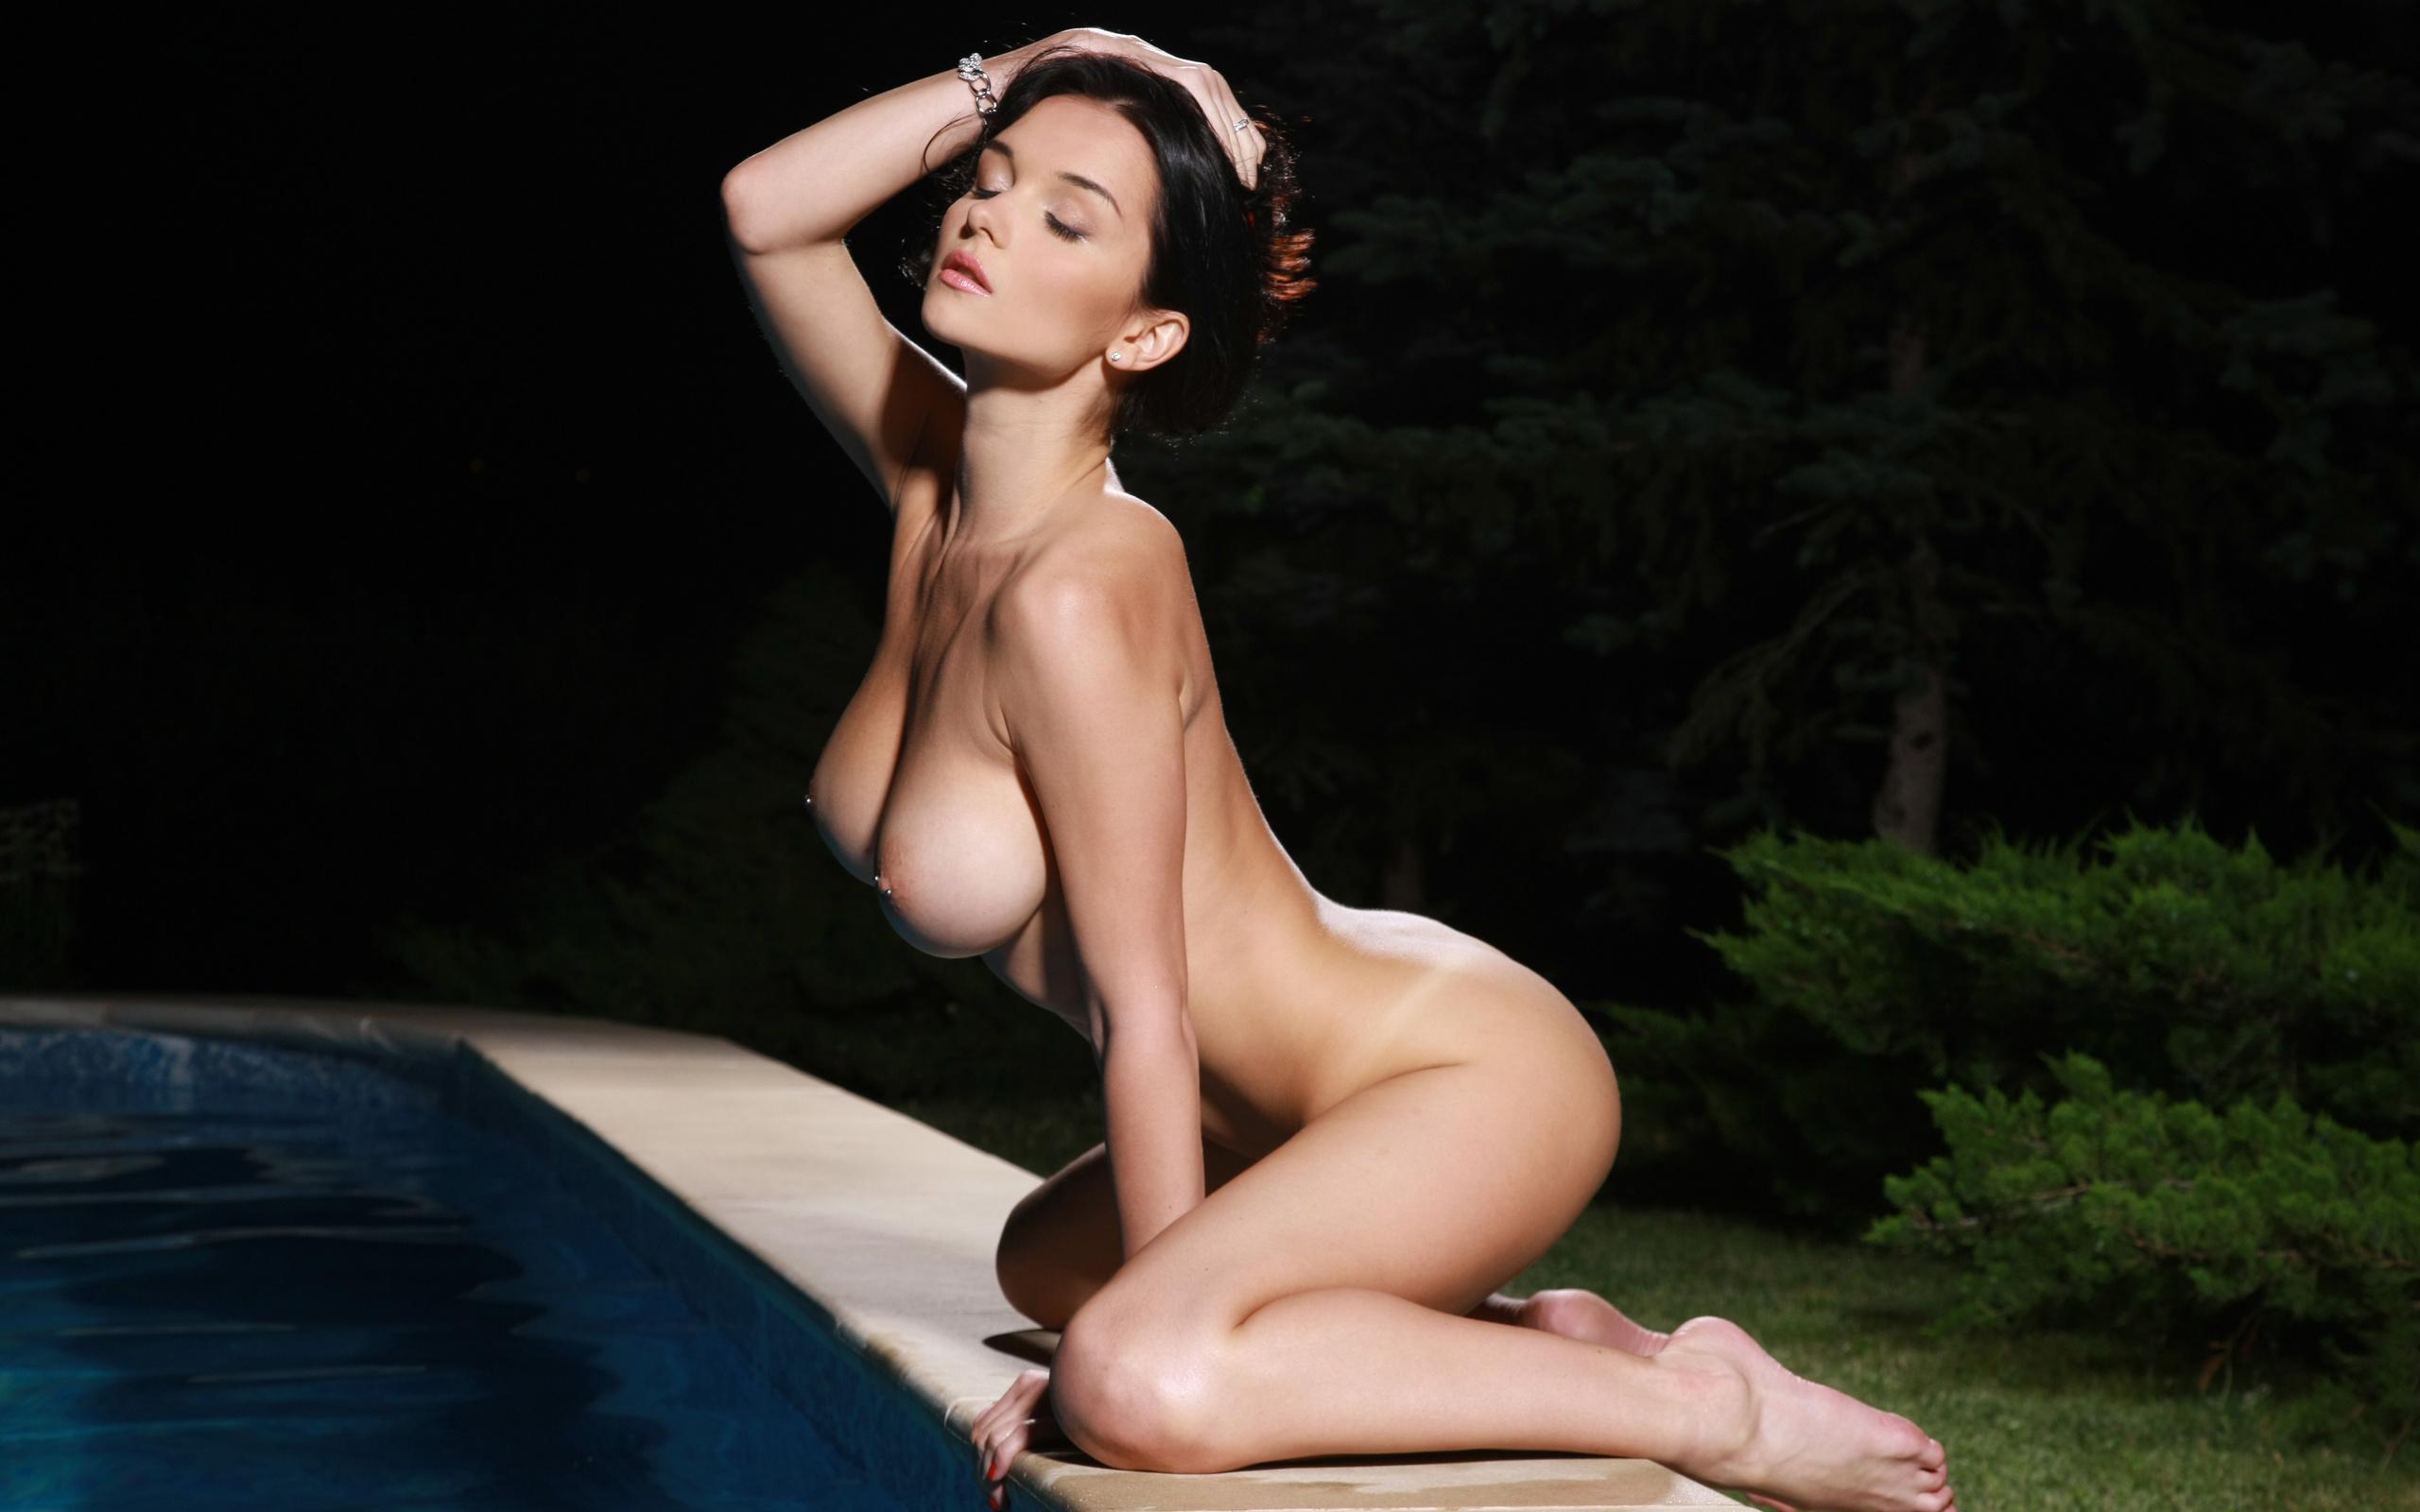 Фотомодель голая грудь 9 фотография